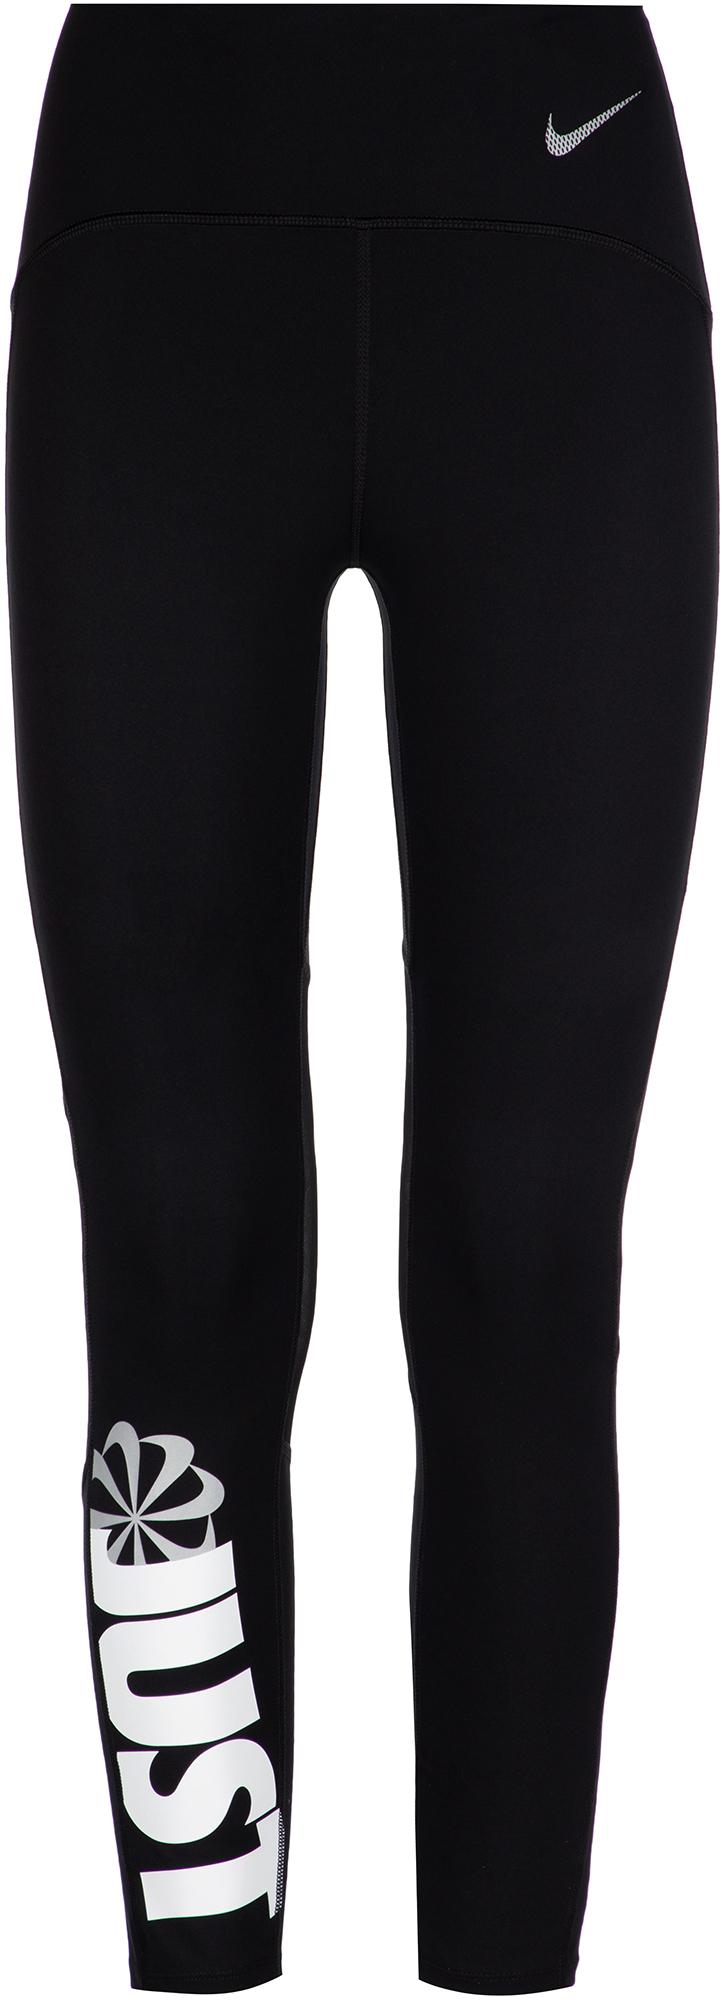 Nike Легинсы женские Speed, размер 46-48